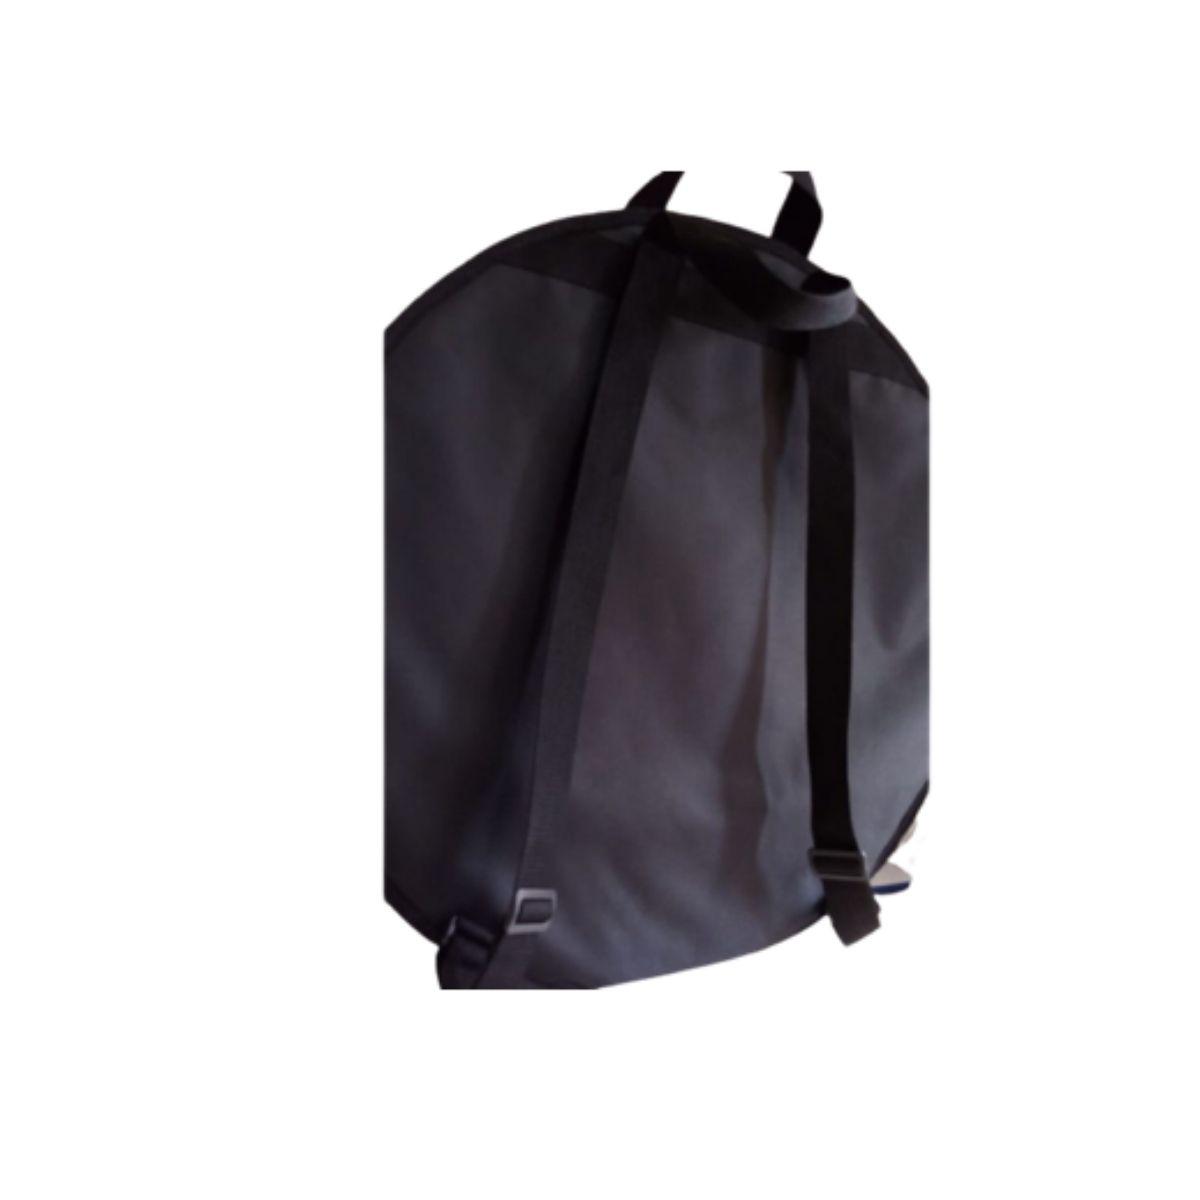 Capa Bag Prato Bateria Soft Case Kit C Sep Até 24 Almofadada